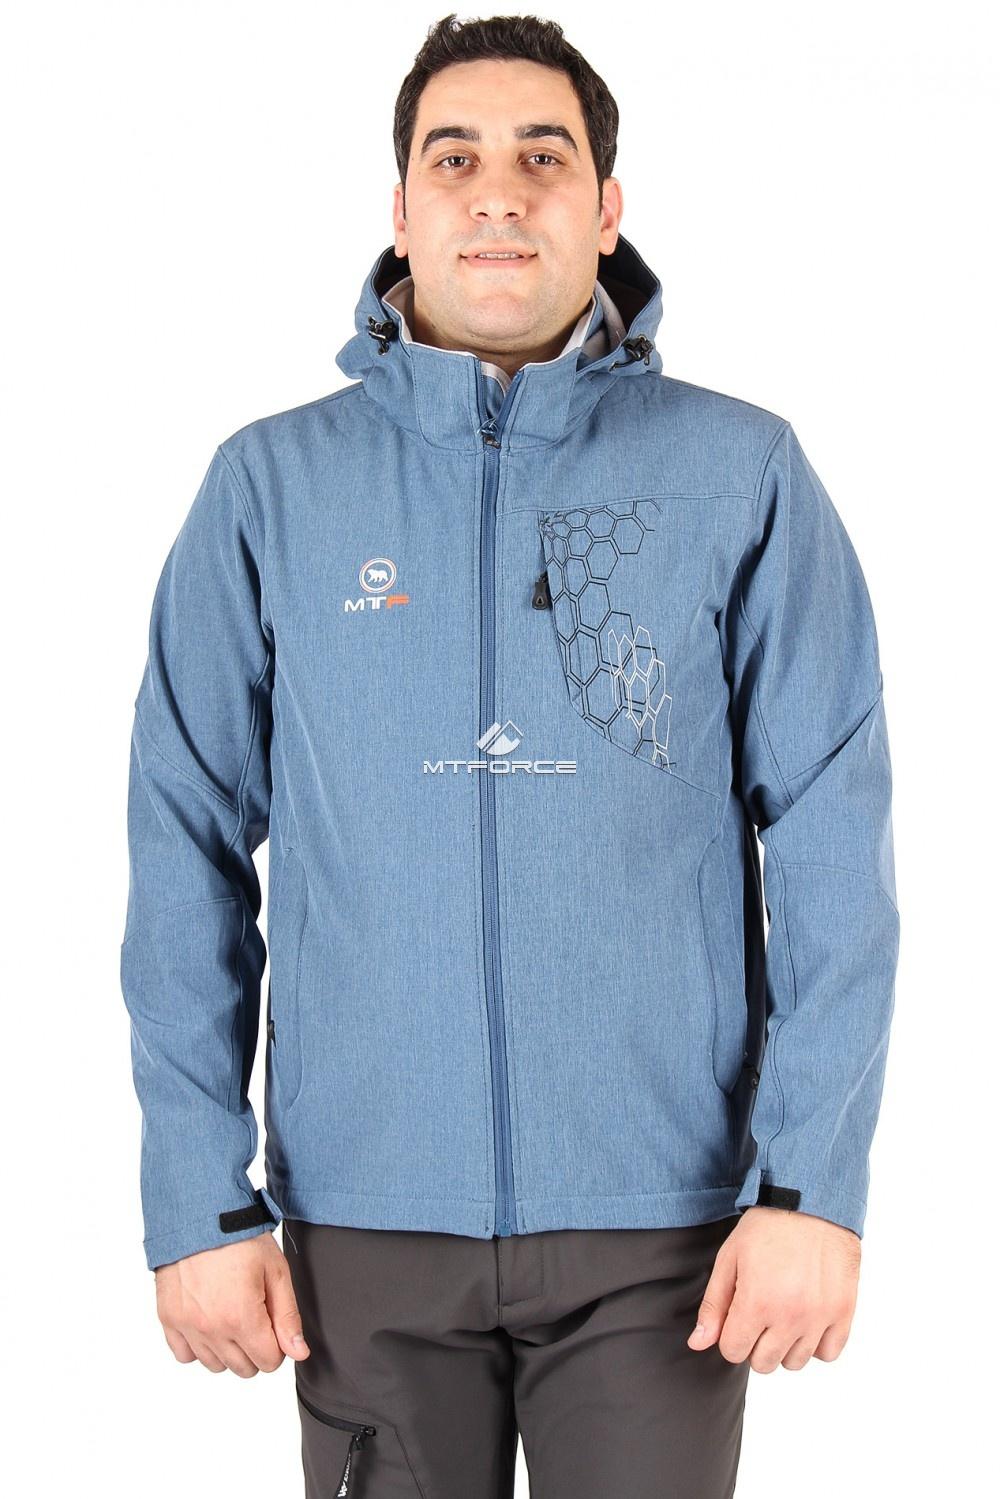 Купить                                  оптом Ветровка мужская синего цвета 01502S